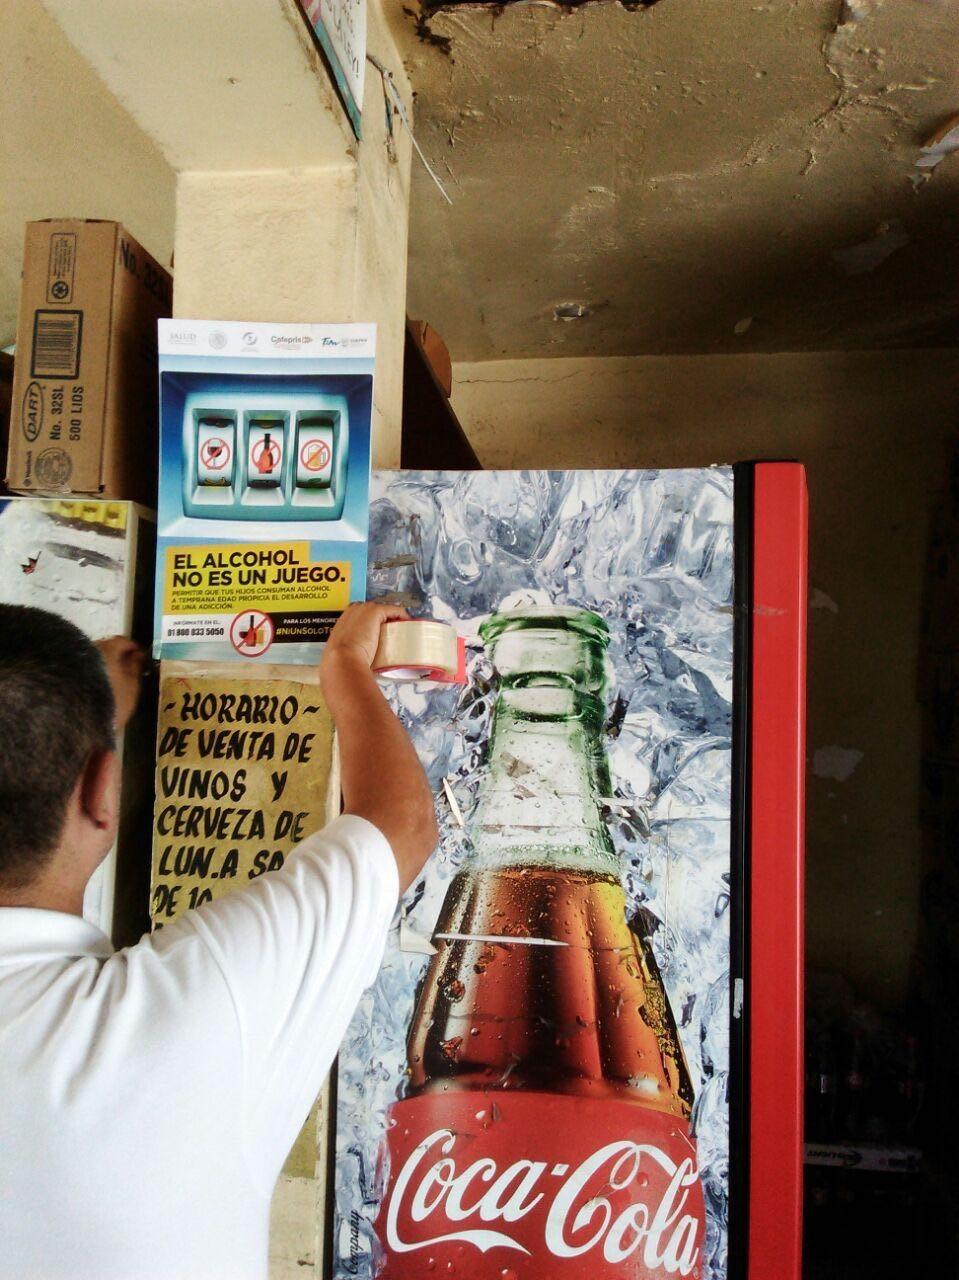 COLOCAN. Personal de la Coepris, vienen reforzando acciones para la prevención de venta y consumo de bebidas embriagantes en menores de edad.